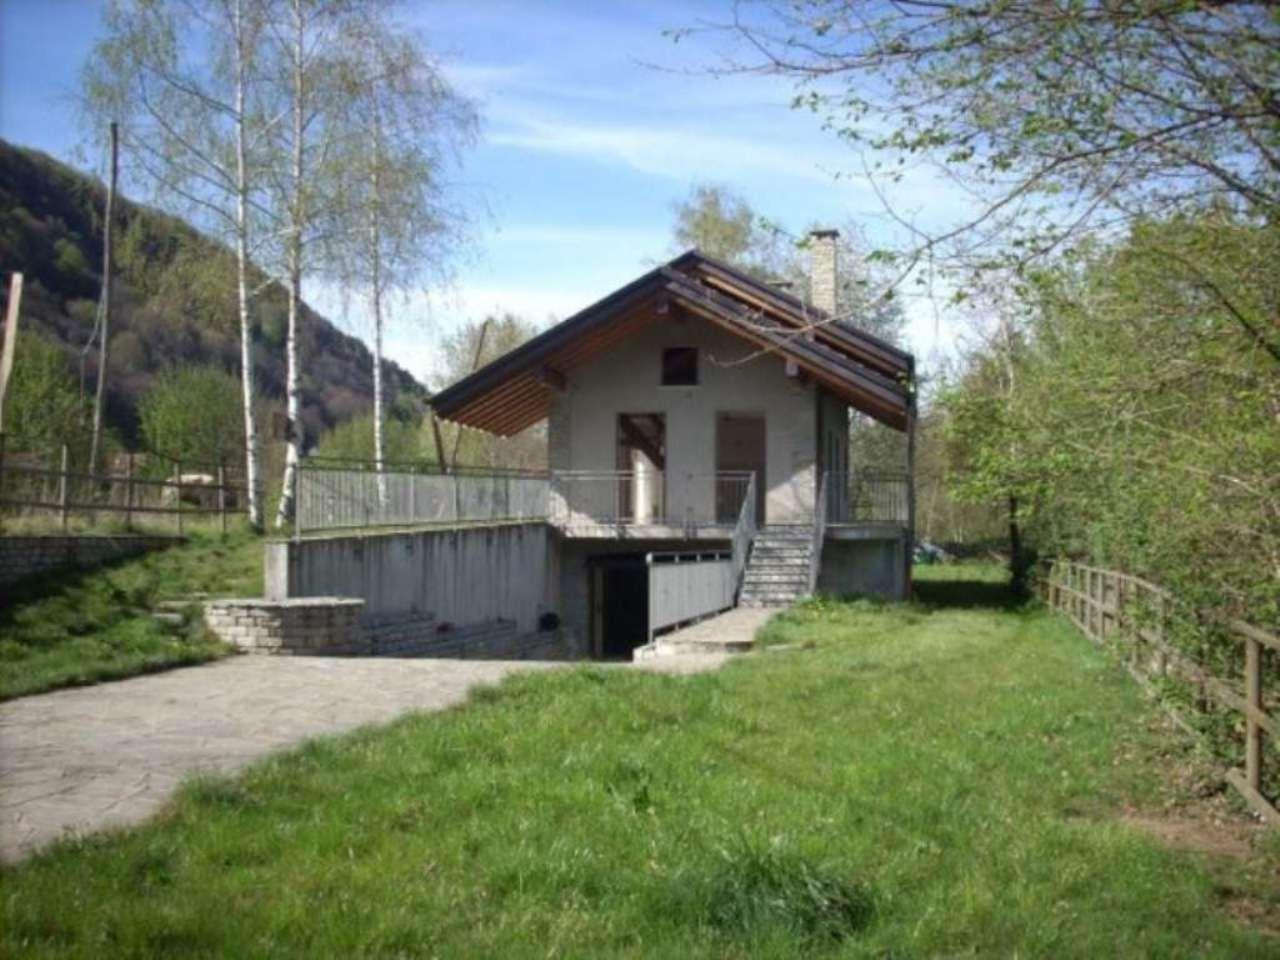 Villa in vendita a Brovello-Carpugnino, 6 locali, prezzo € 600.000 | Cambio Casa.it